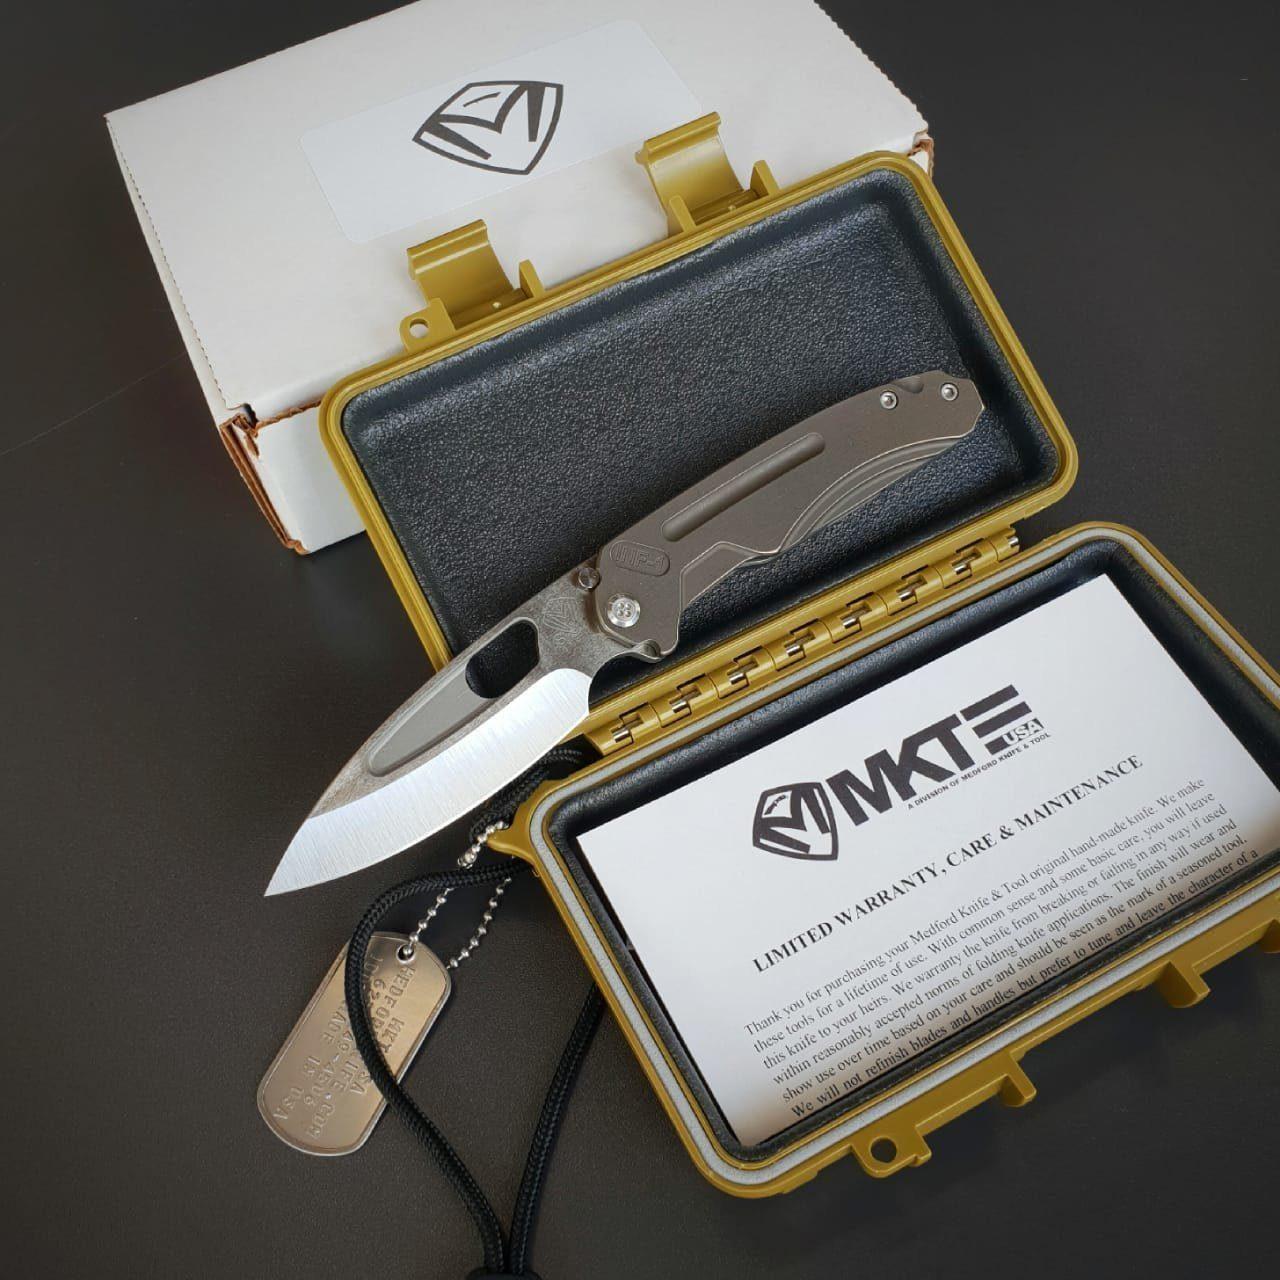 Фото 6 - Складной нож Medford Infraction, сталь S35VN, рукоять титановый сплав, бронзовый